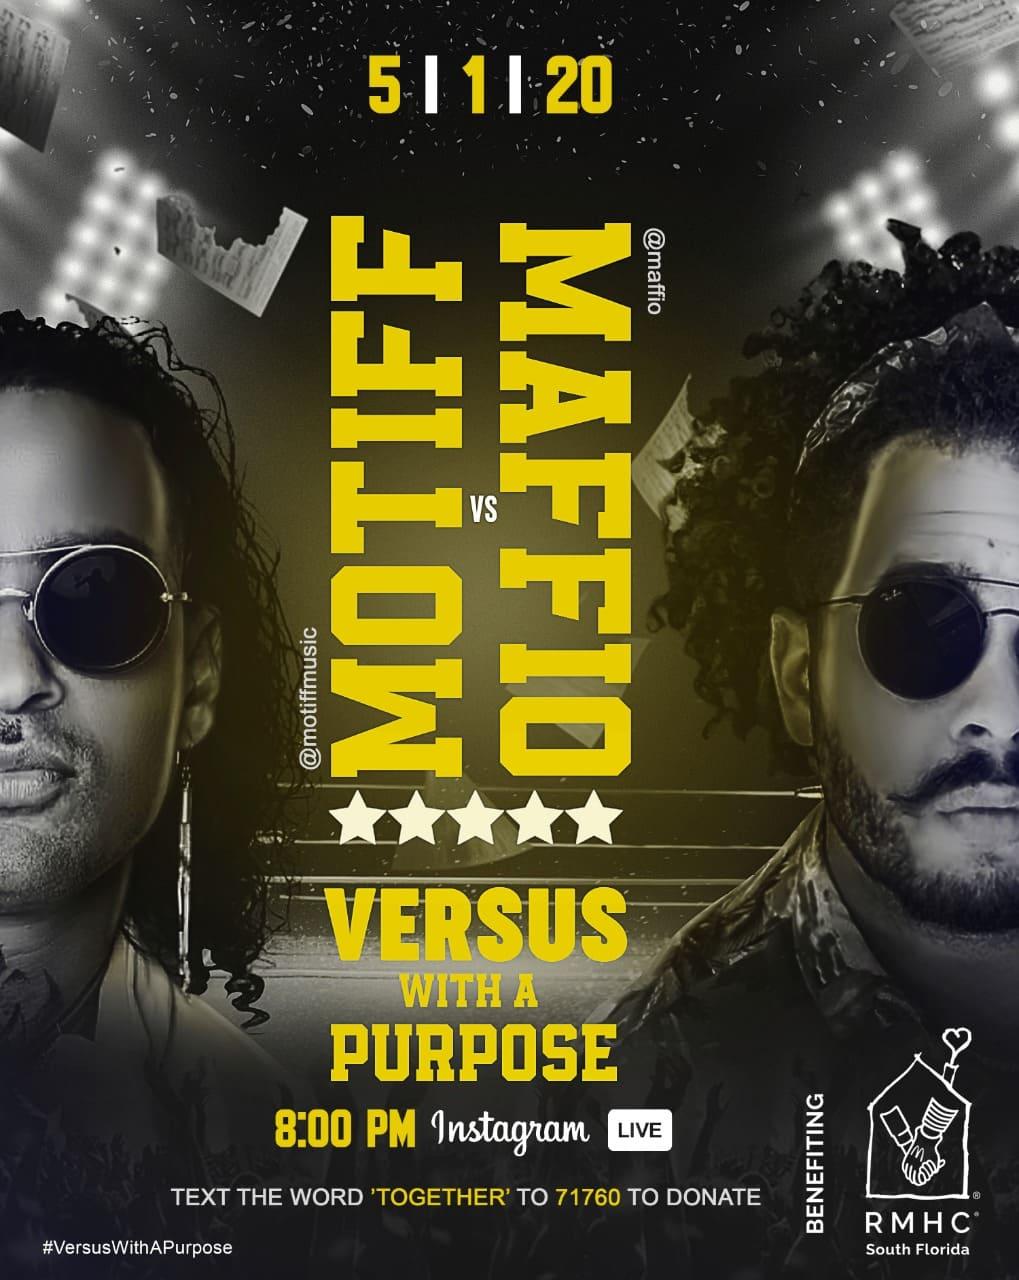 Los productores de renombre Maffio y Motiff anuncian enfrentamiento musical en: Versus with a Purpose